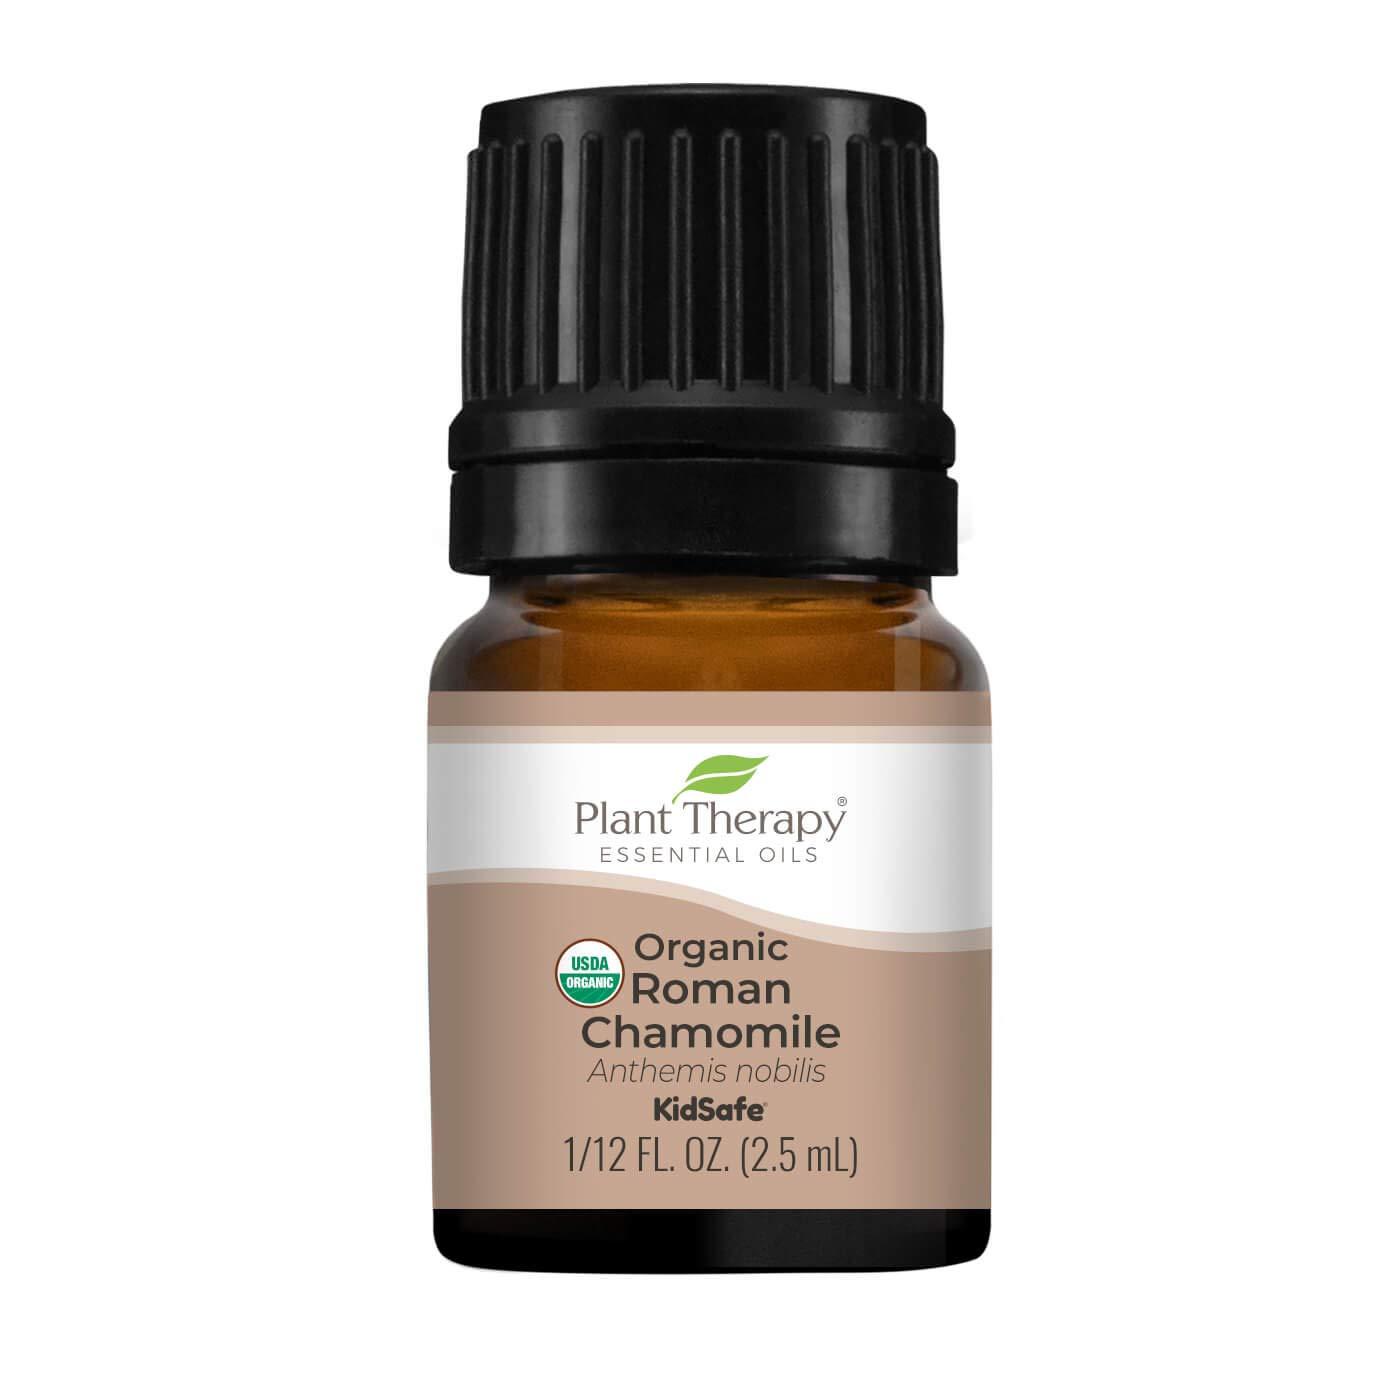 Plant Therapy Organic Roman Chamomile Essential Oil 2.5 mL (1/12 oz) 100% Pure, Undiluted, Therapeutic Grade